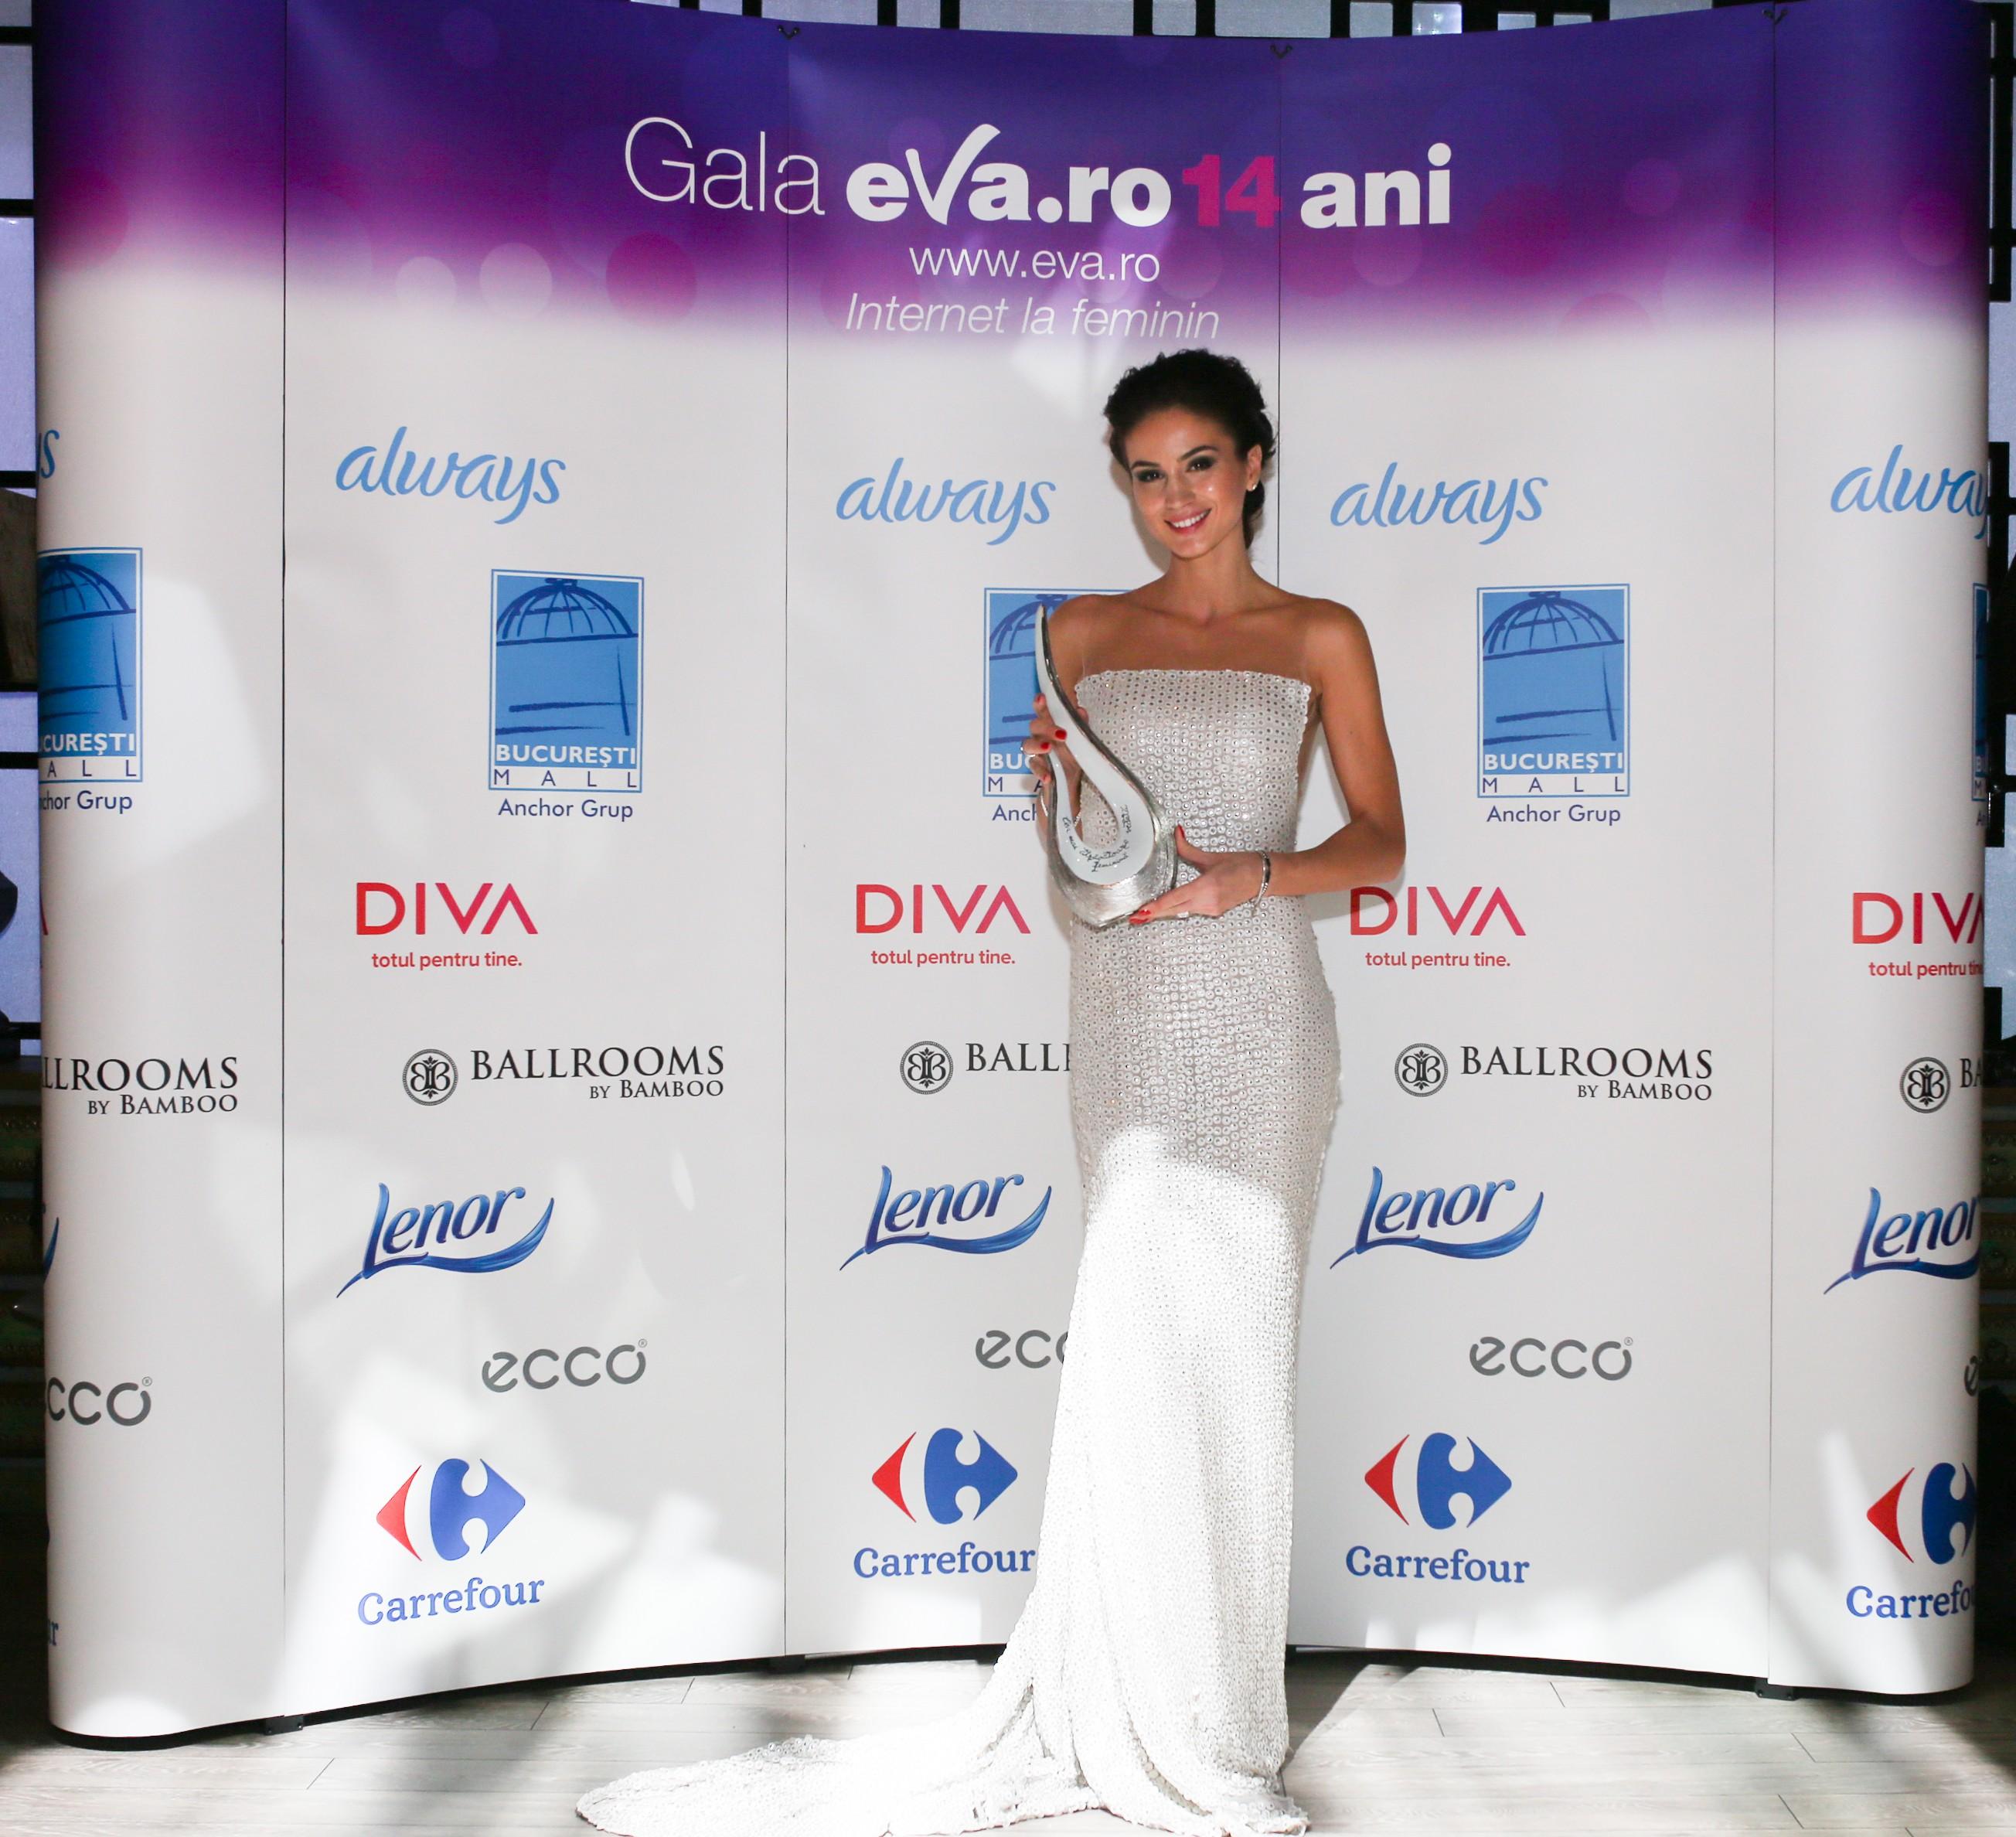 Gala Eva.ro: 14 ani de internet la feminin cu 33 de premii si zeci de vedete!